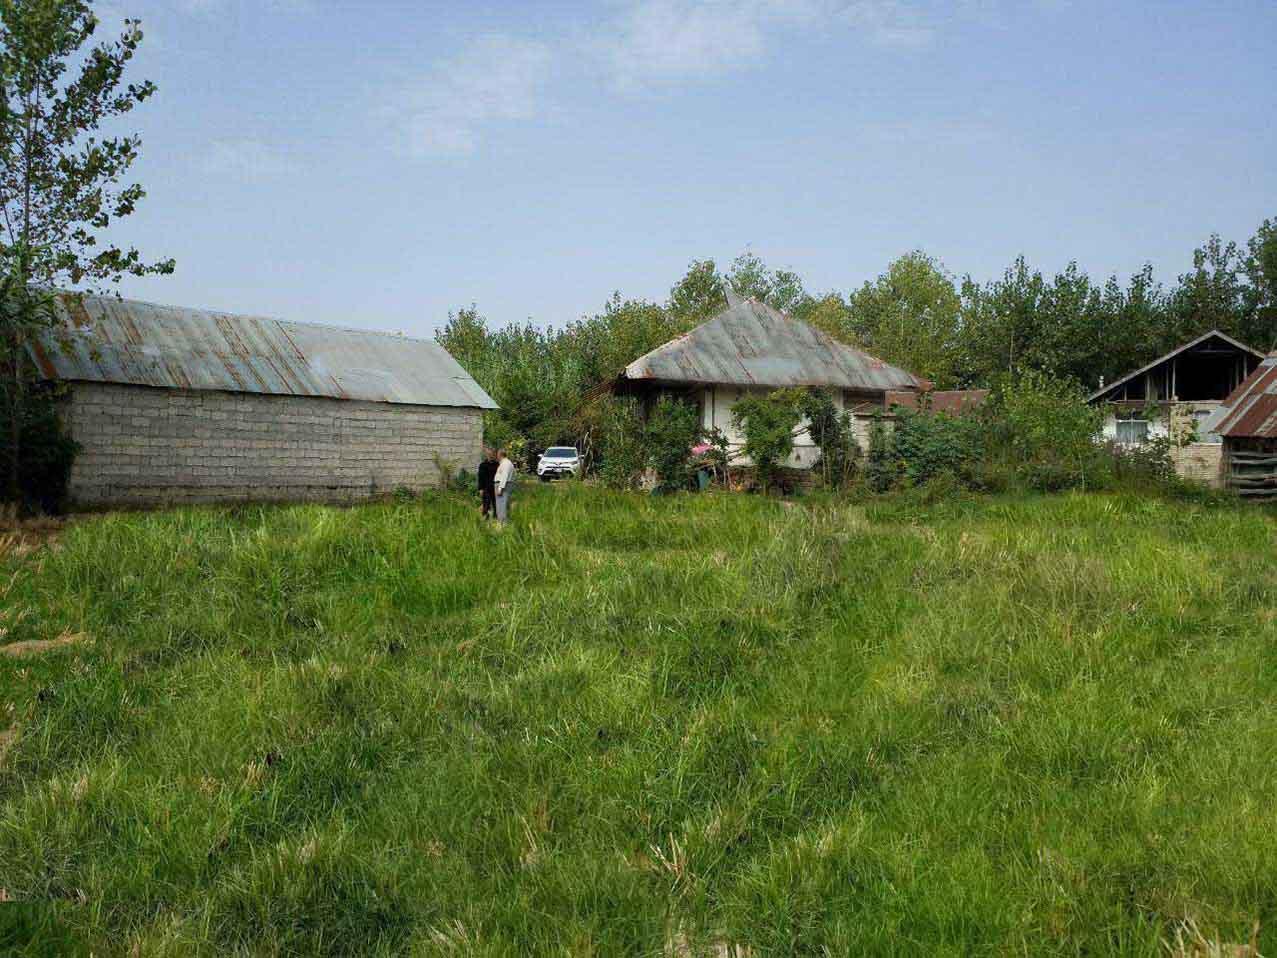 فروش فوری خانه با ۲۰۱۱ متر زمین لاهیجان